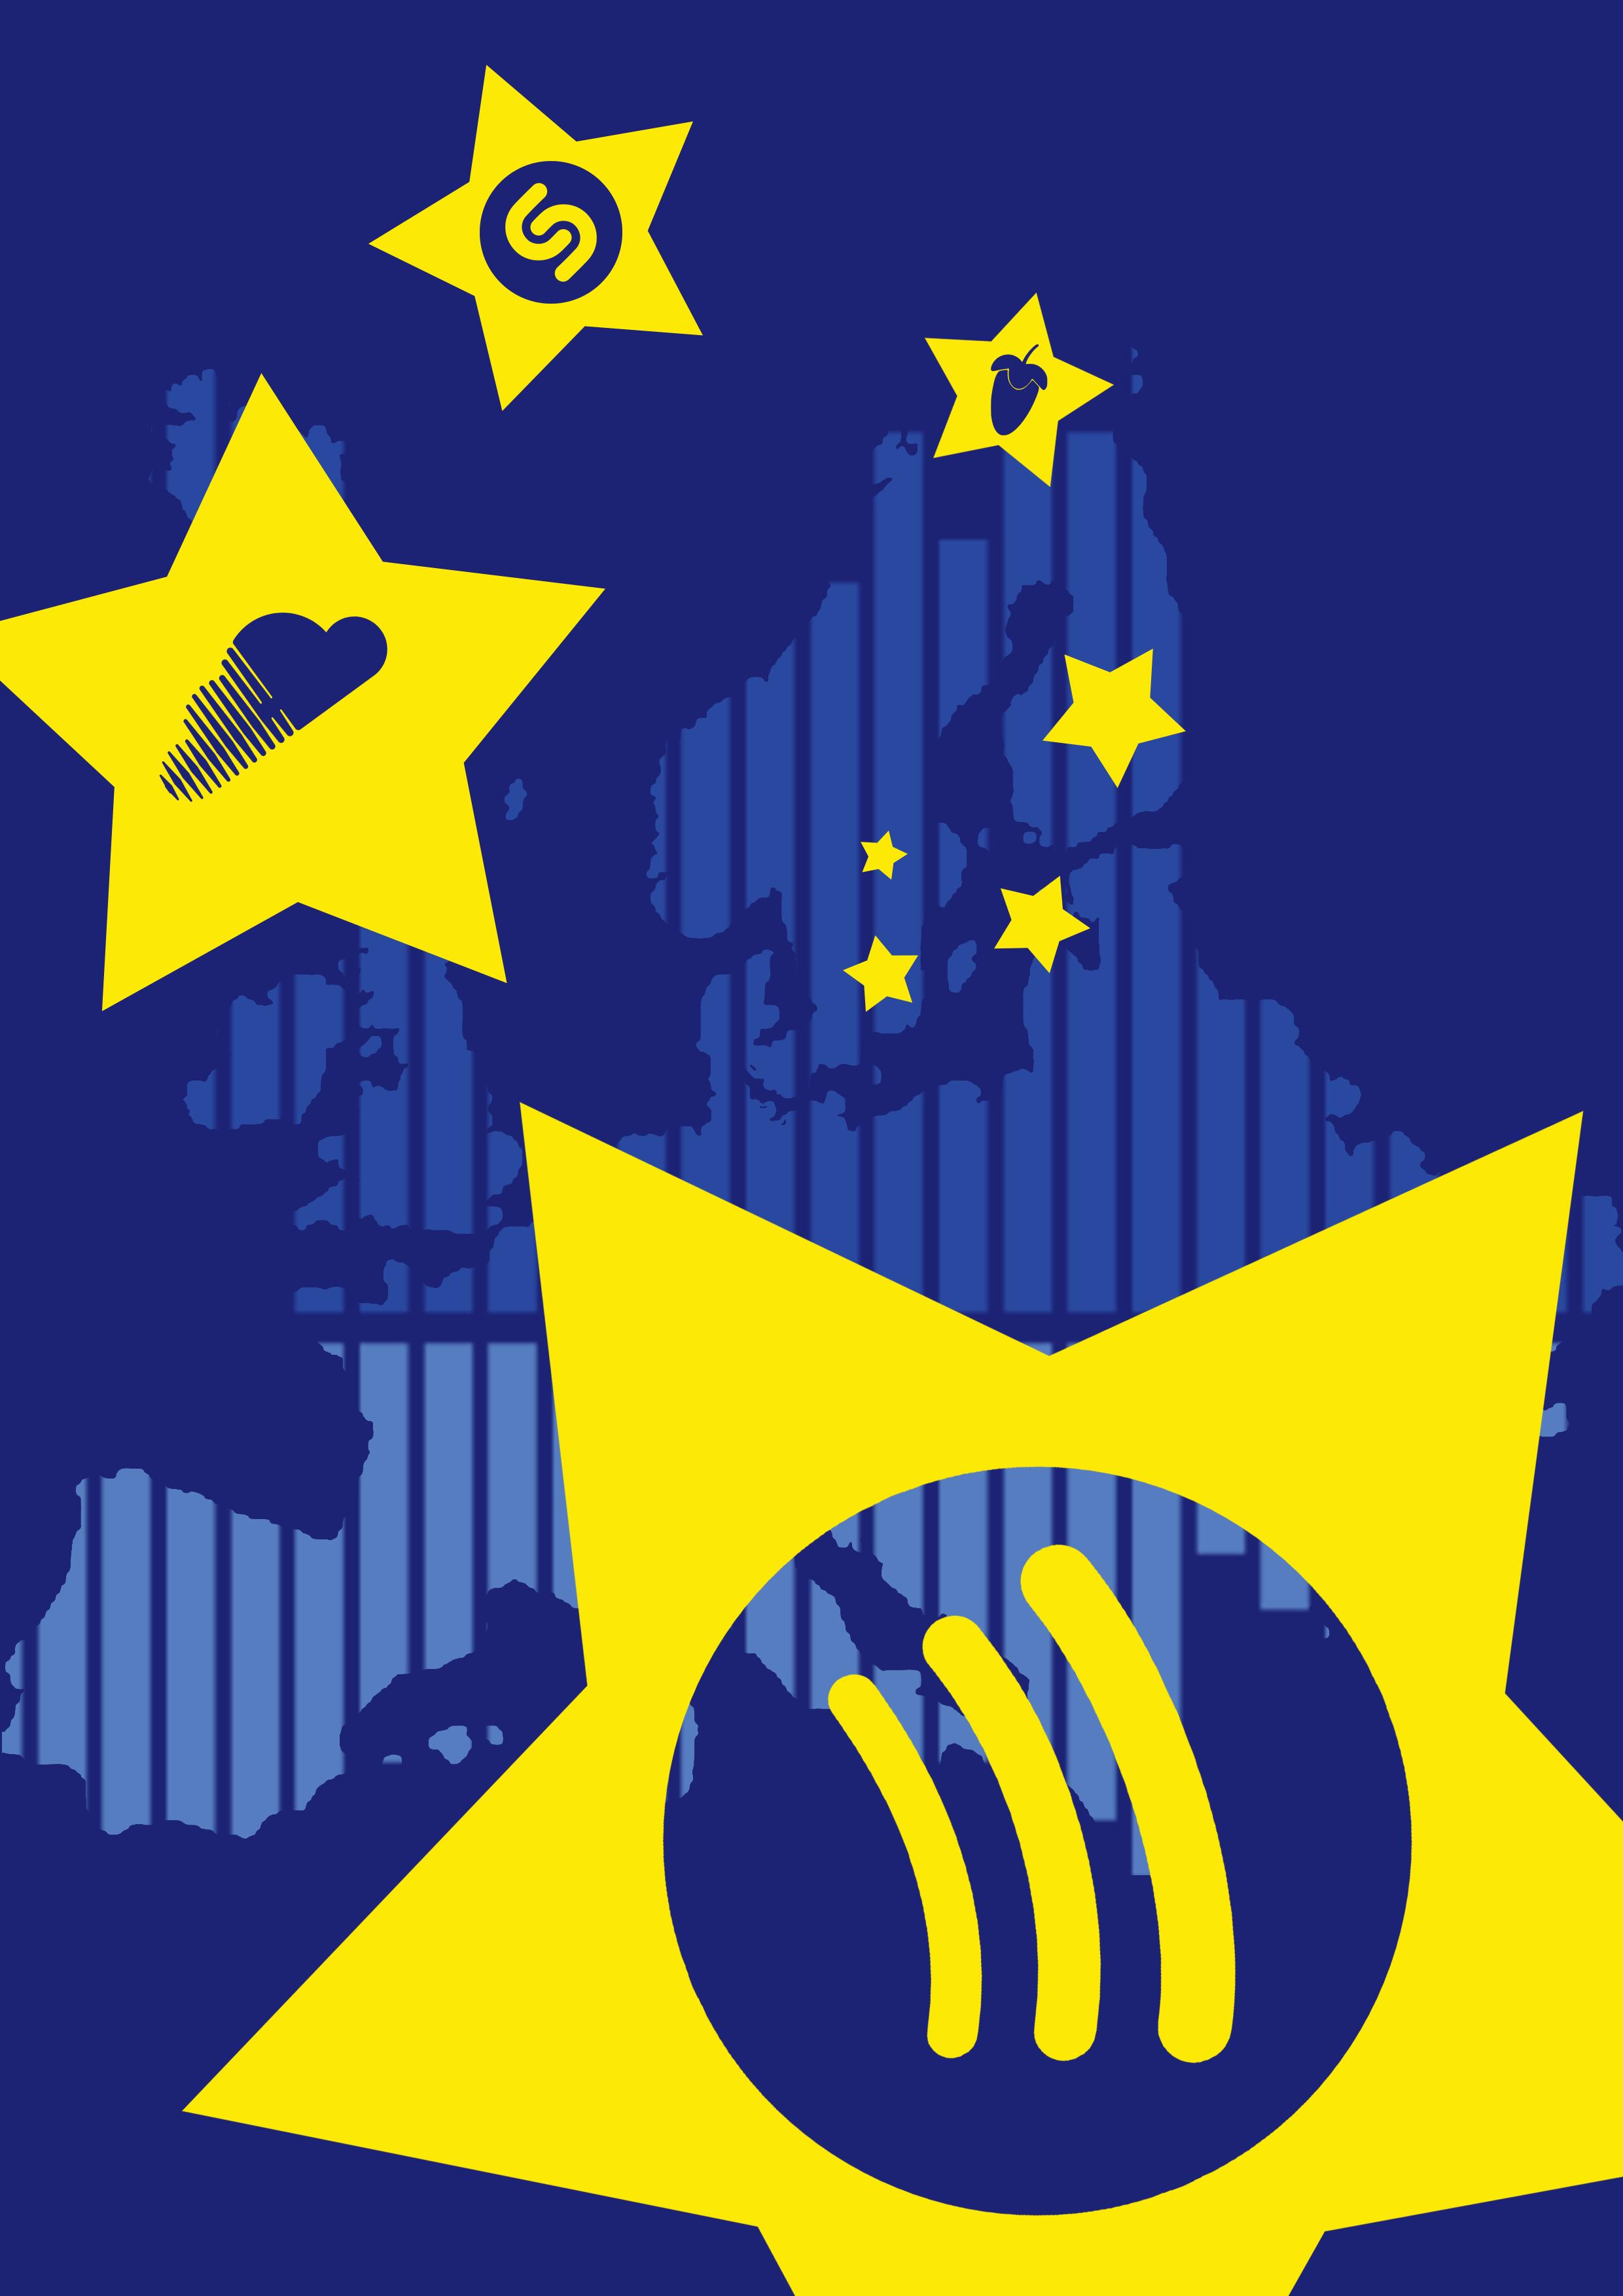 La musique est-elle le trait qu'il manque à l'Union européenne ?